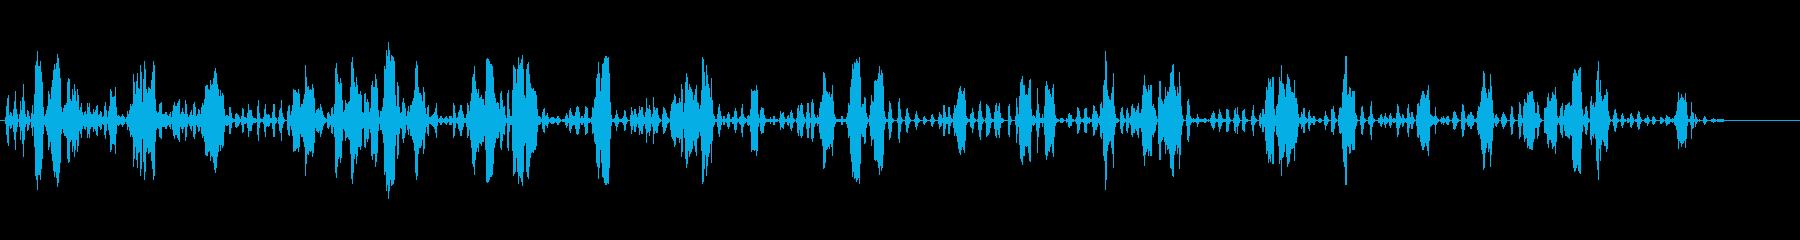 ヘンハウス2、バード; DIGIF...の再生済みの波形